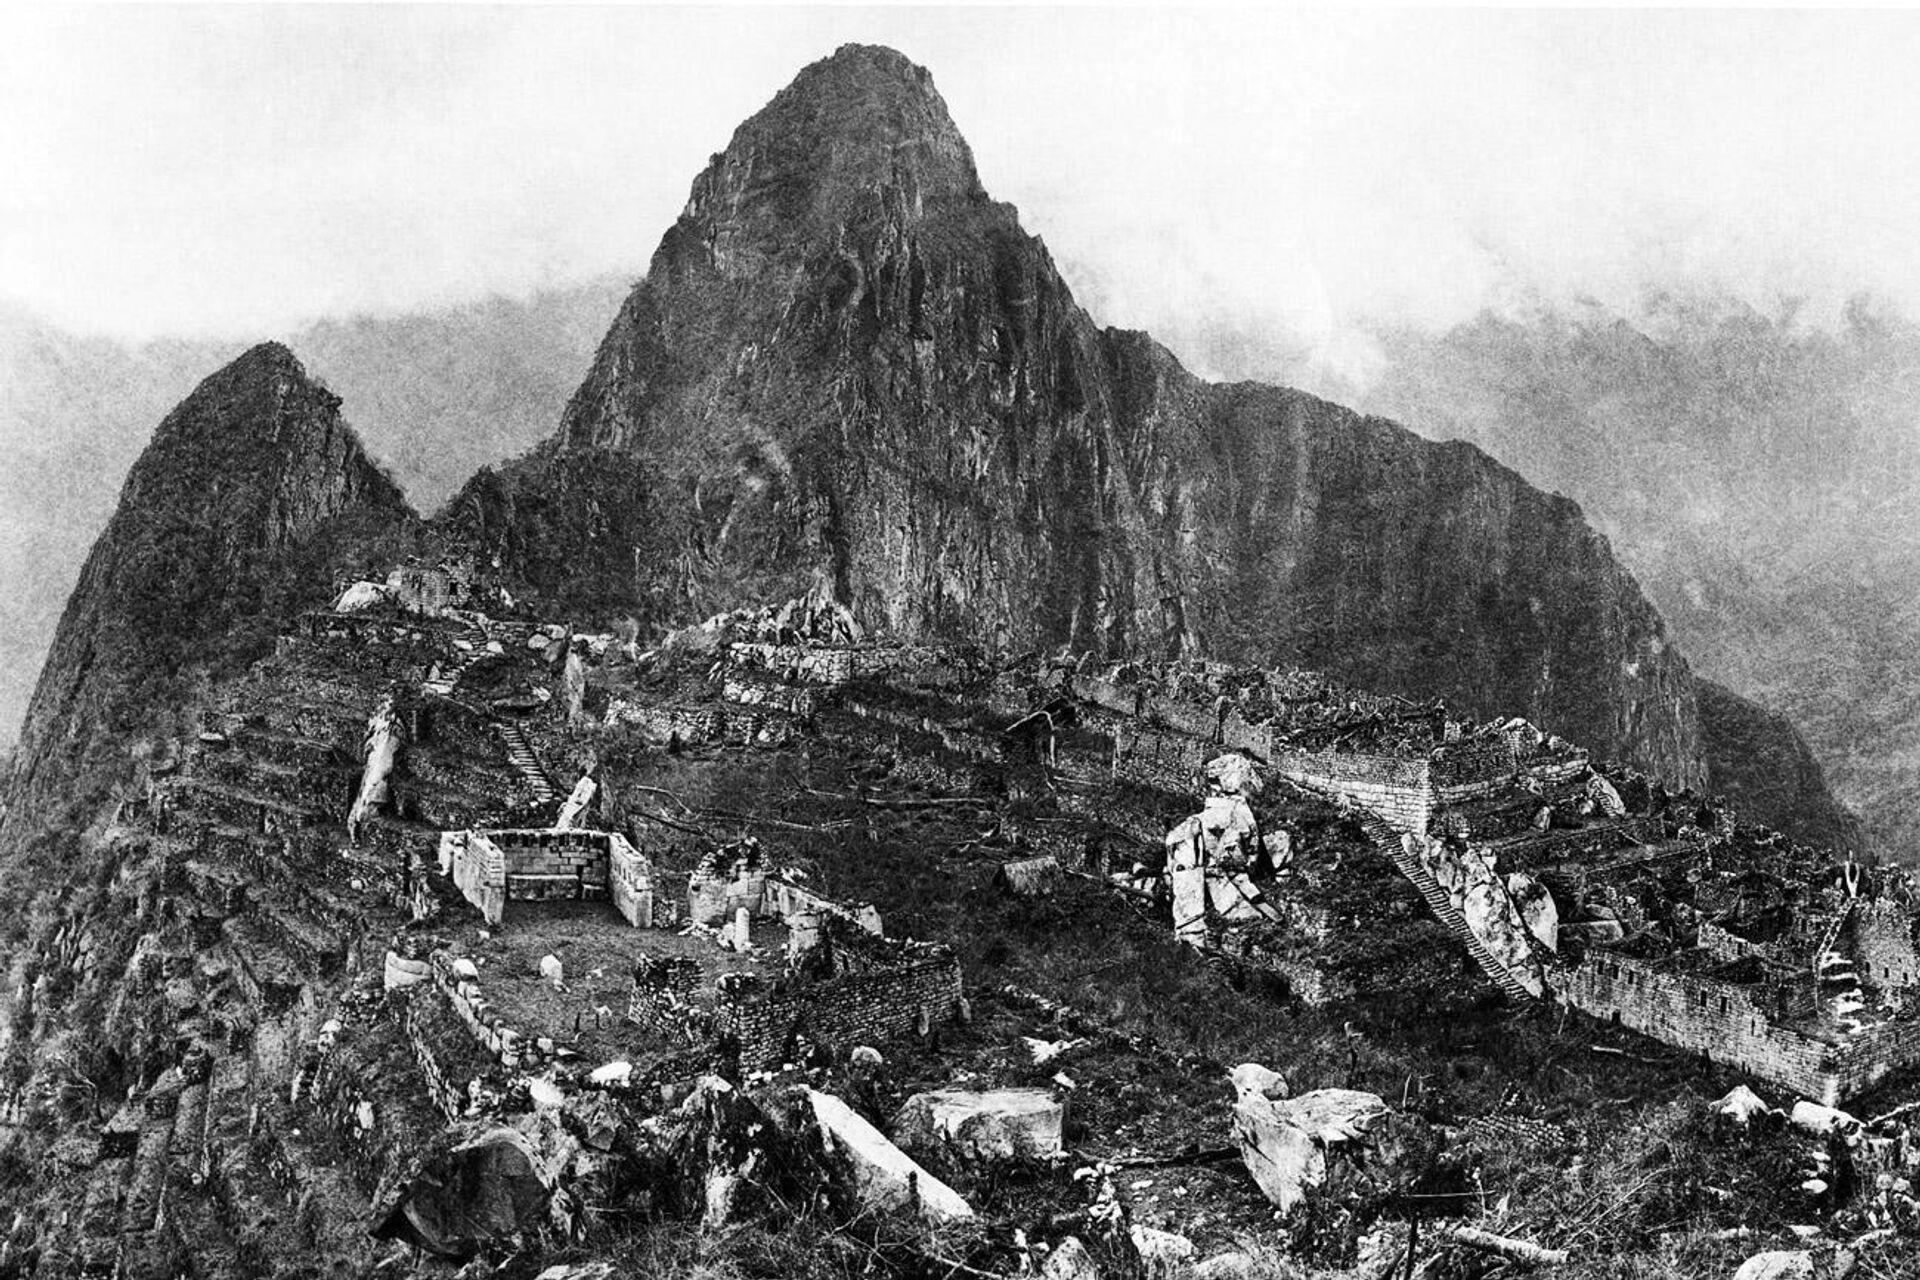 Фотография Мачу-Пикчу, сделанная в 1912 году после крупной расчистки и до начала восстановительных работ - ПРОФИ Новости, 1920, 23.07.2021